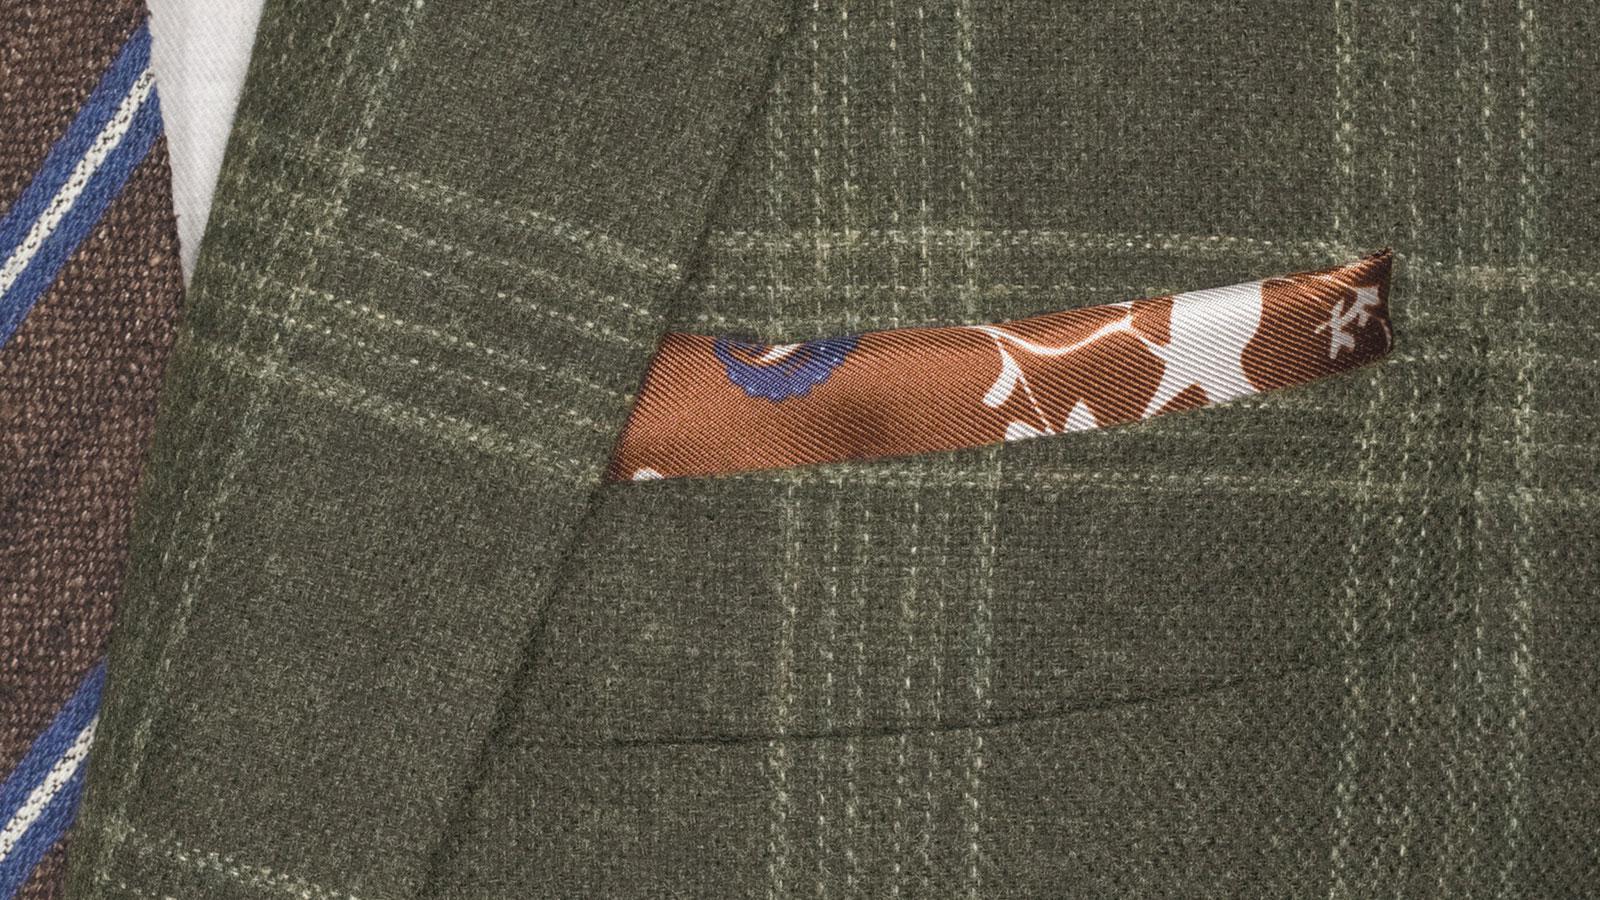 Forest Green Plaid Wool & Cashmere Blazer - slider image 1